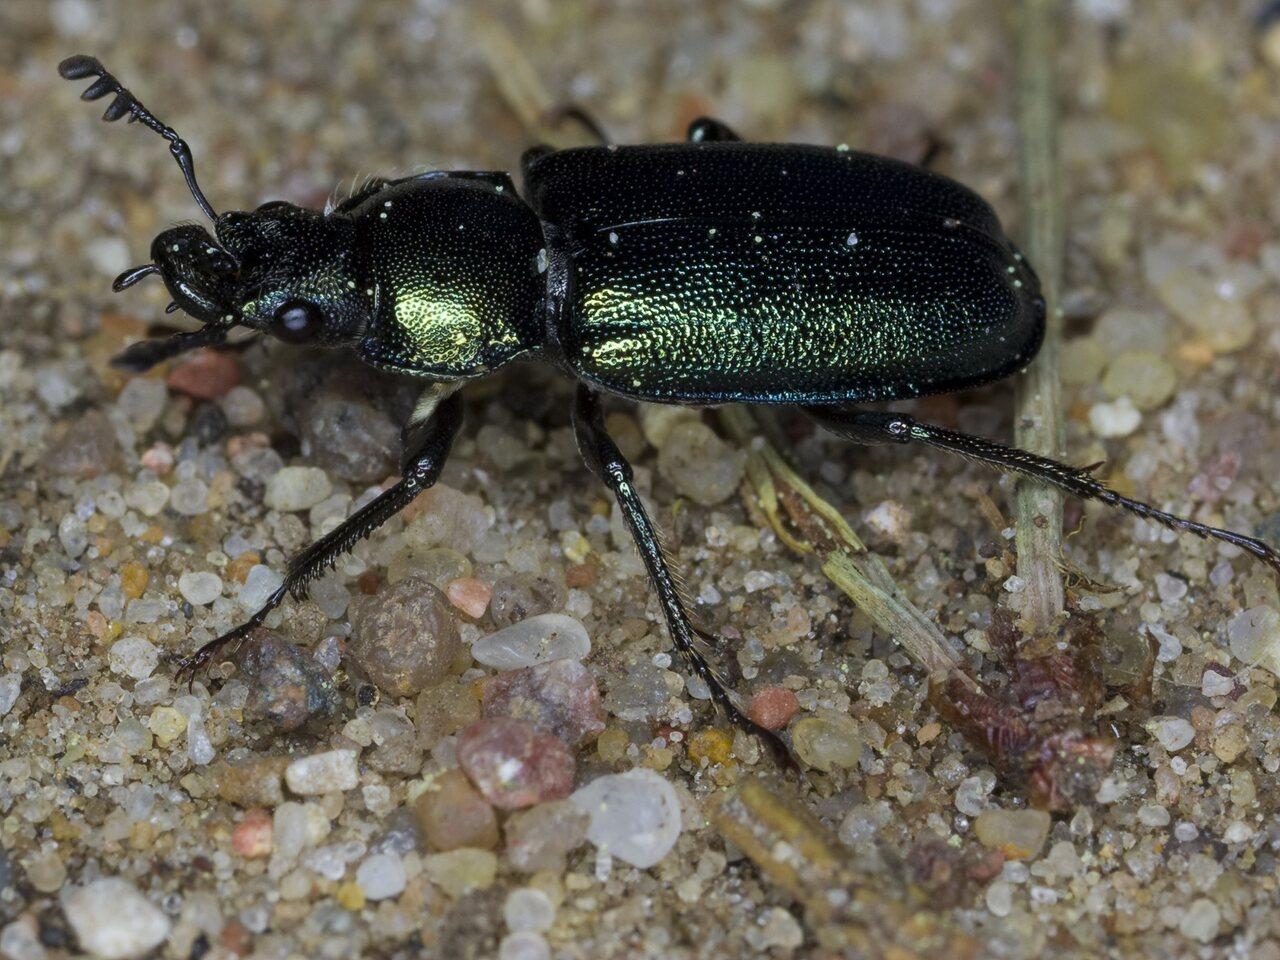 Platycerus-caraboides-3254.jpg